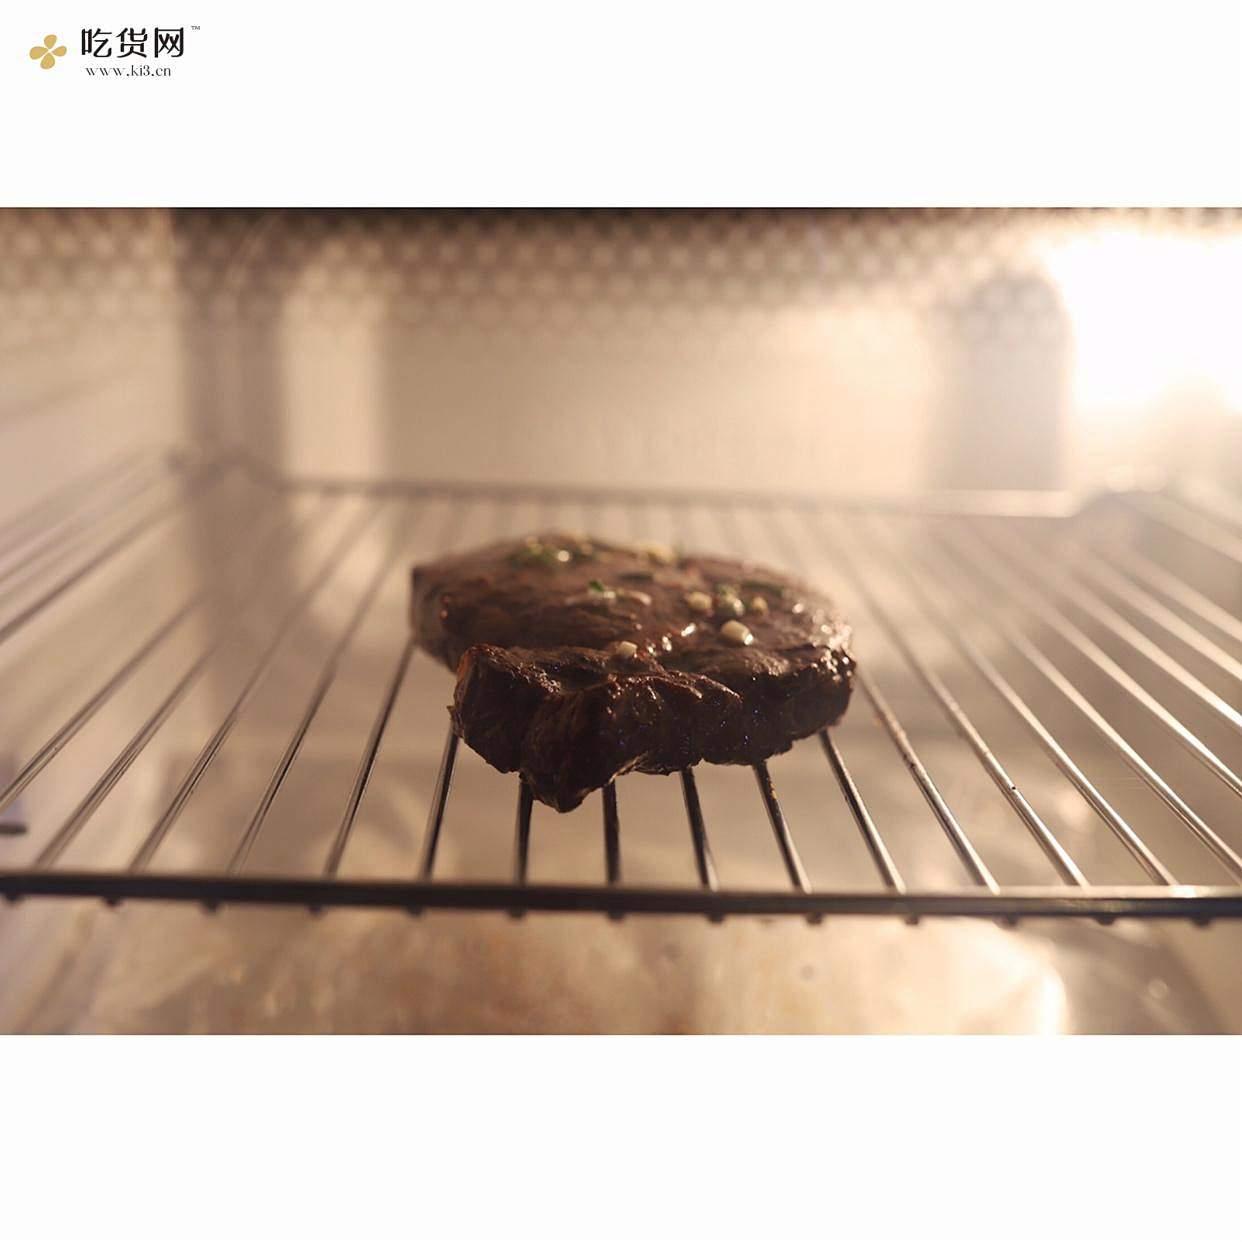 烤肉眼牛排【外焦里嫩】的做法 步骤11